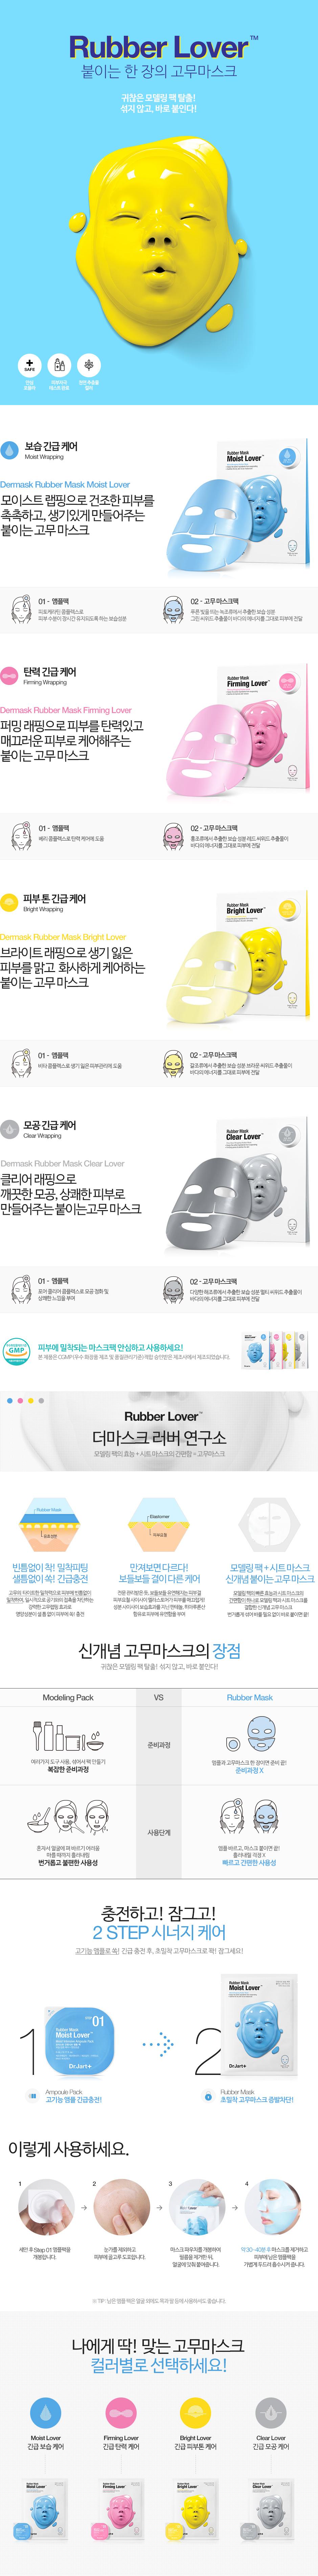 dermask_rubbermask_940.jpg